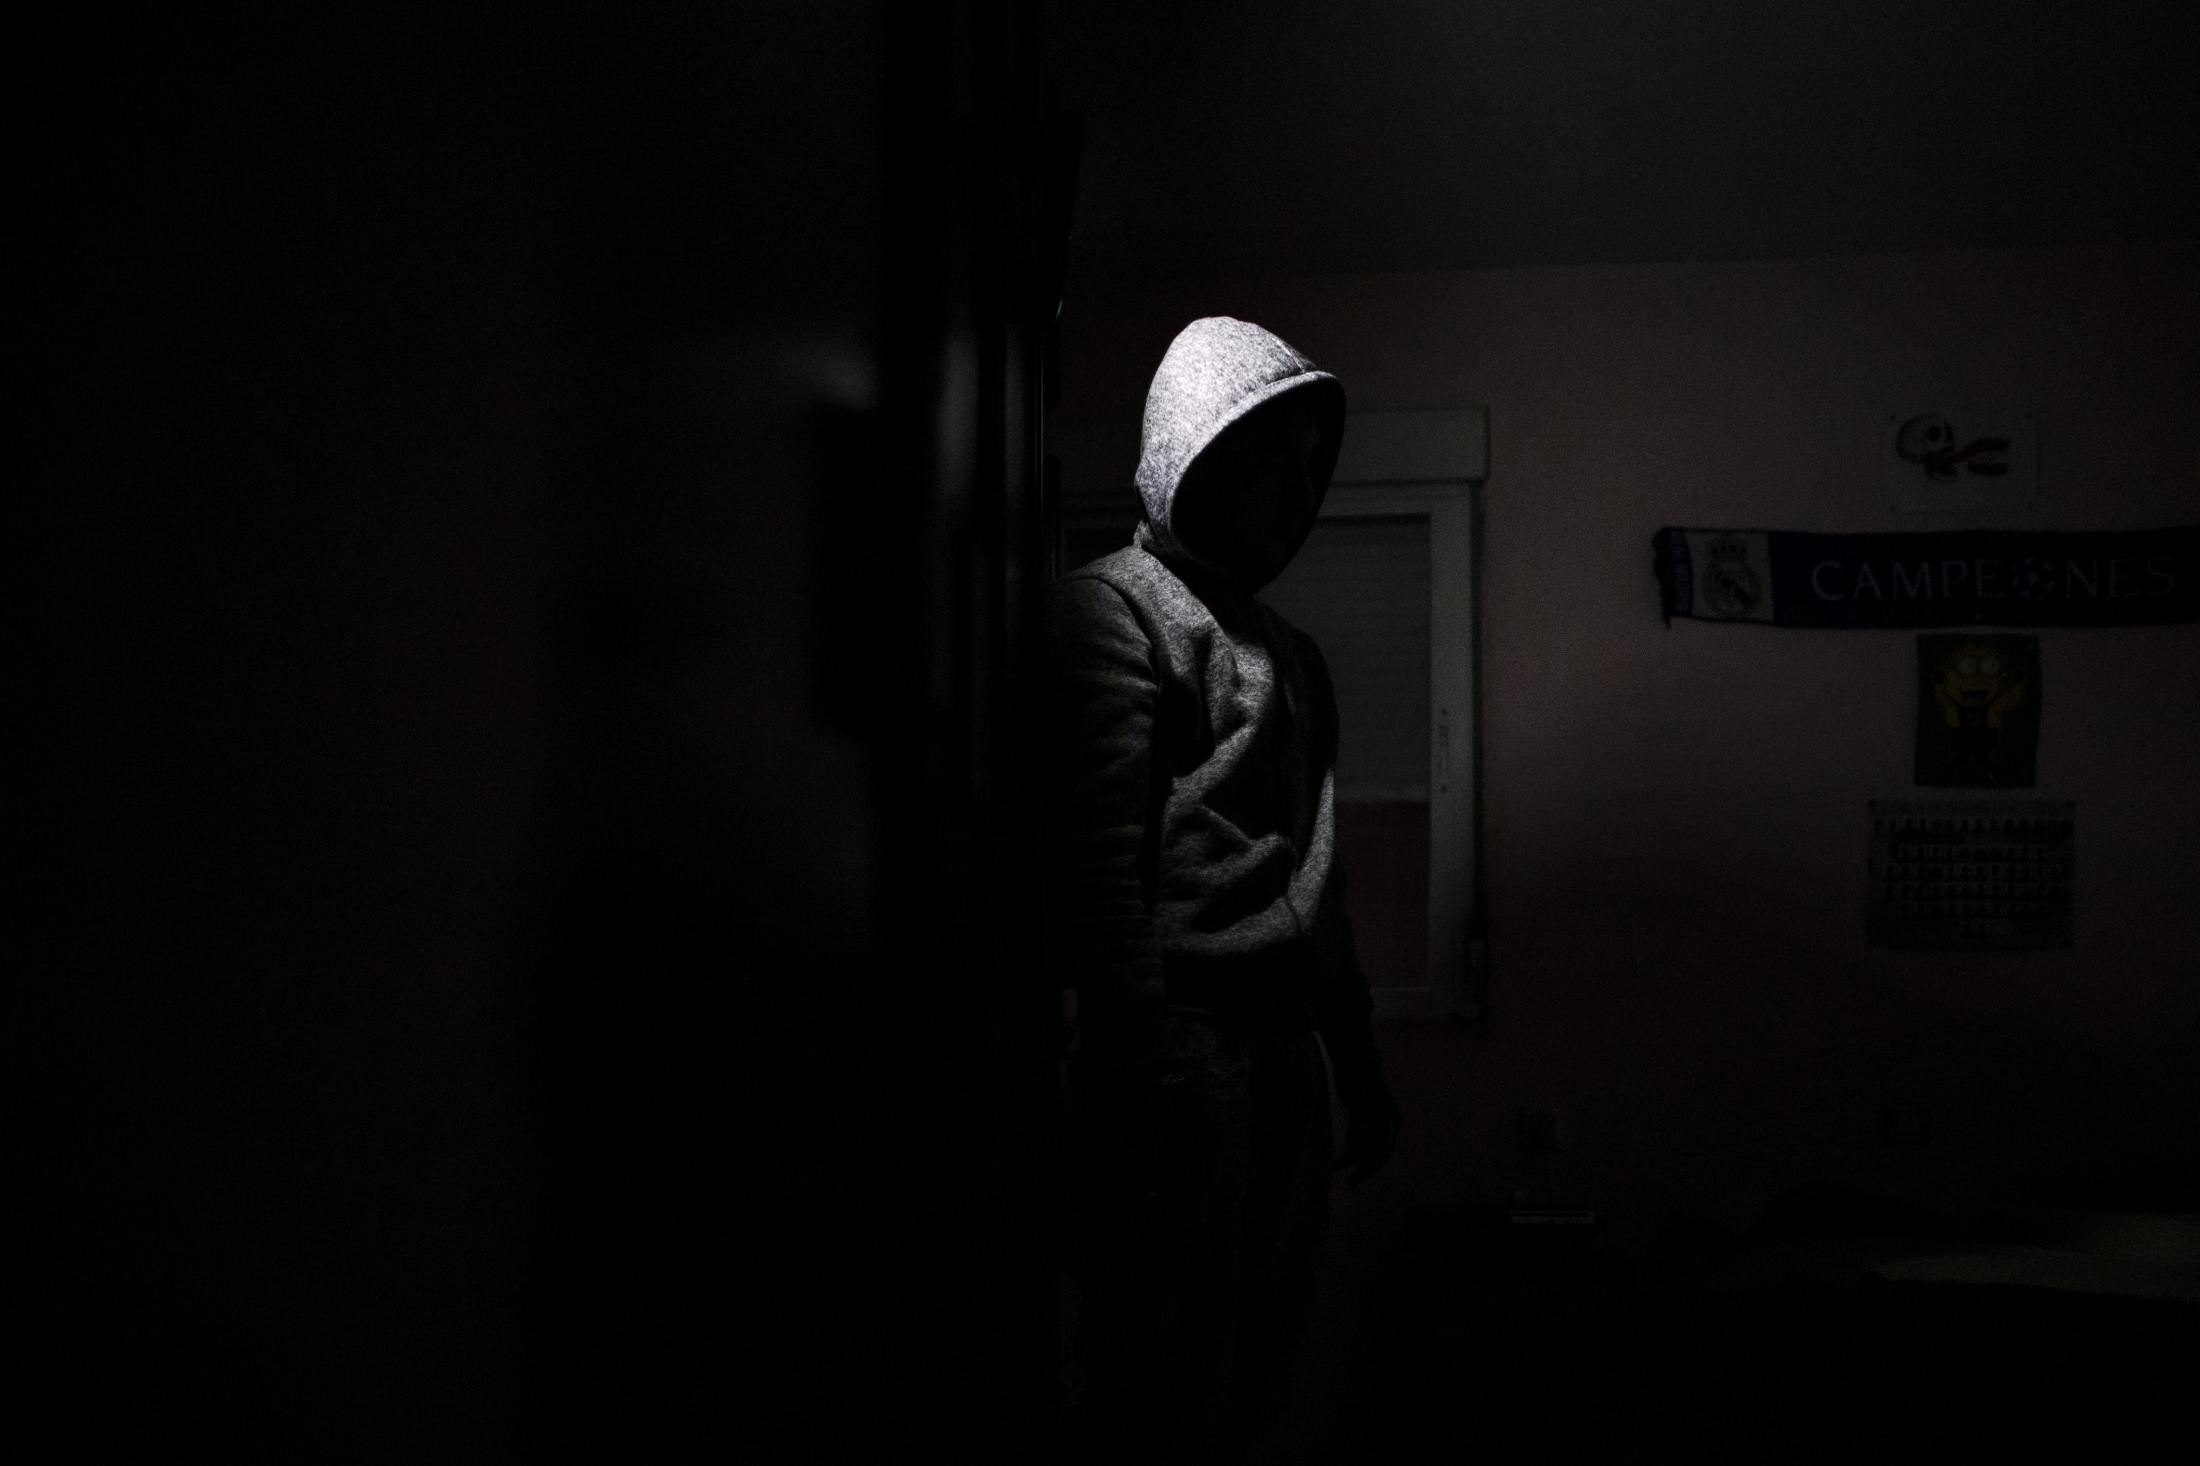 Moakhlise ,de 14 años, en su cuarto apenas iluminado por una pequeña luz a pilas en su casa en el Sector V de la Cañada Real